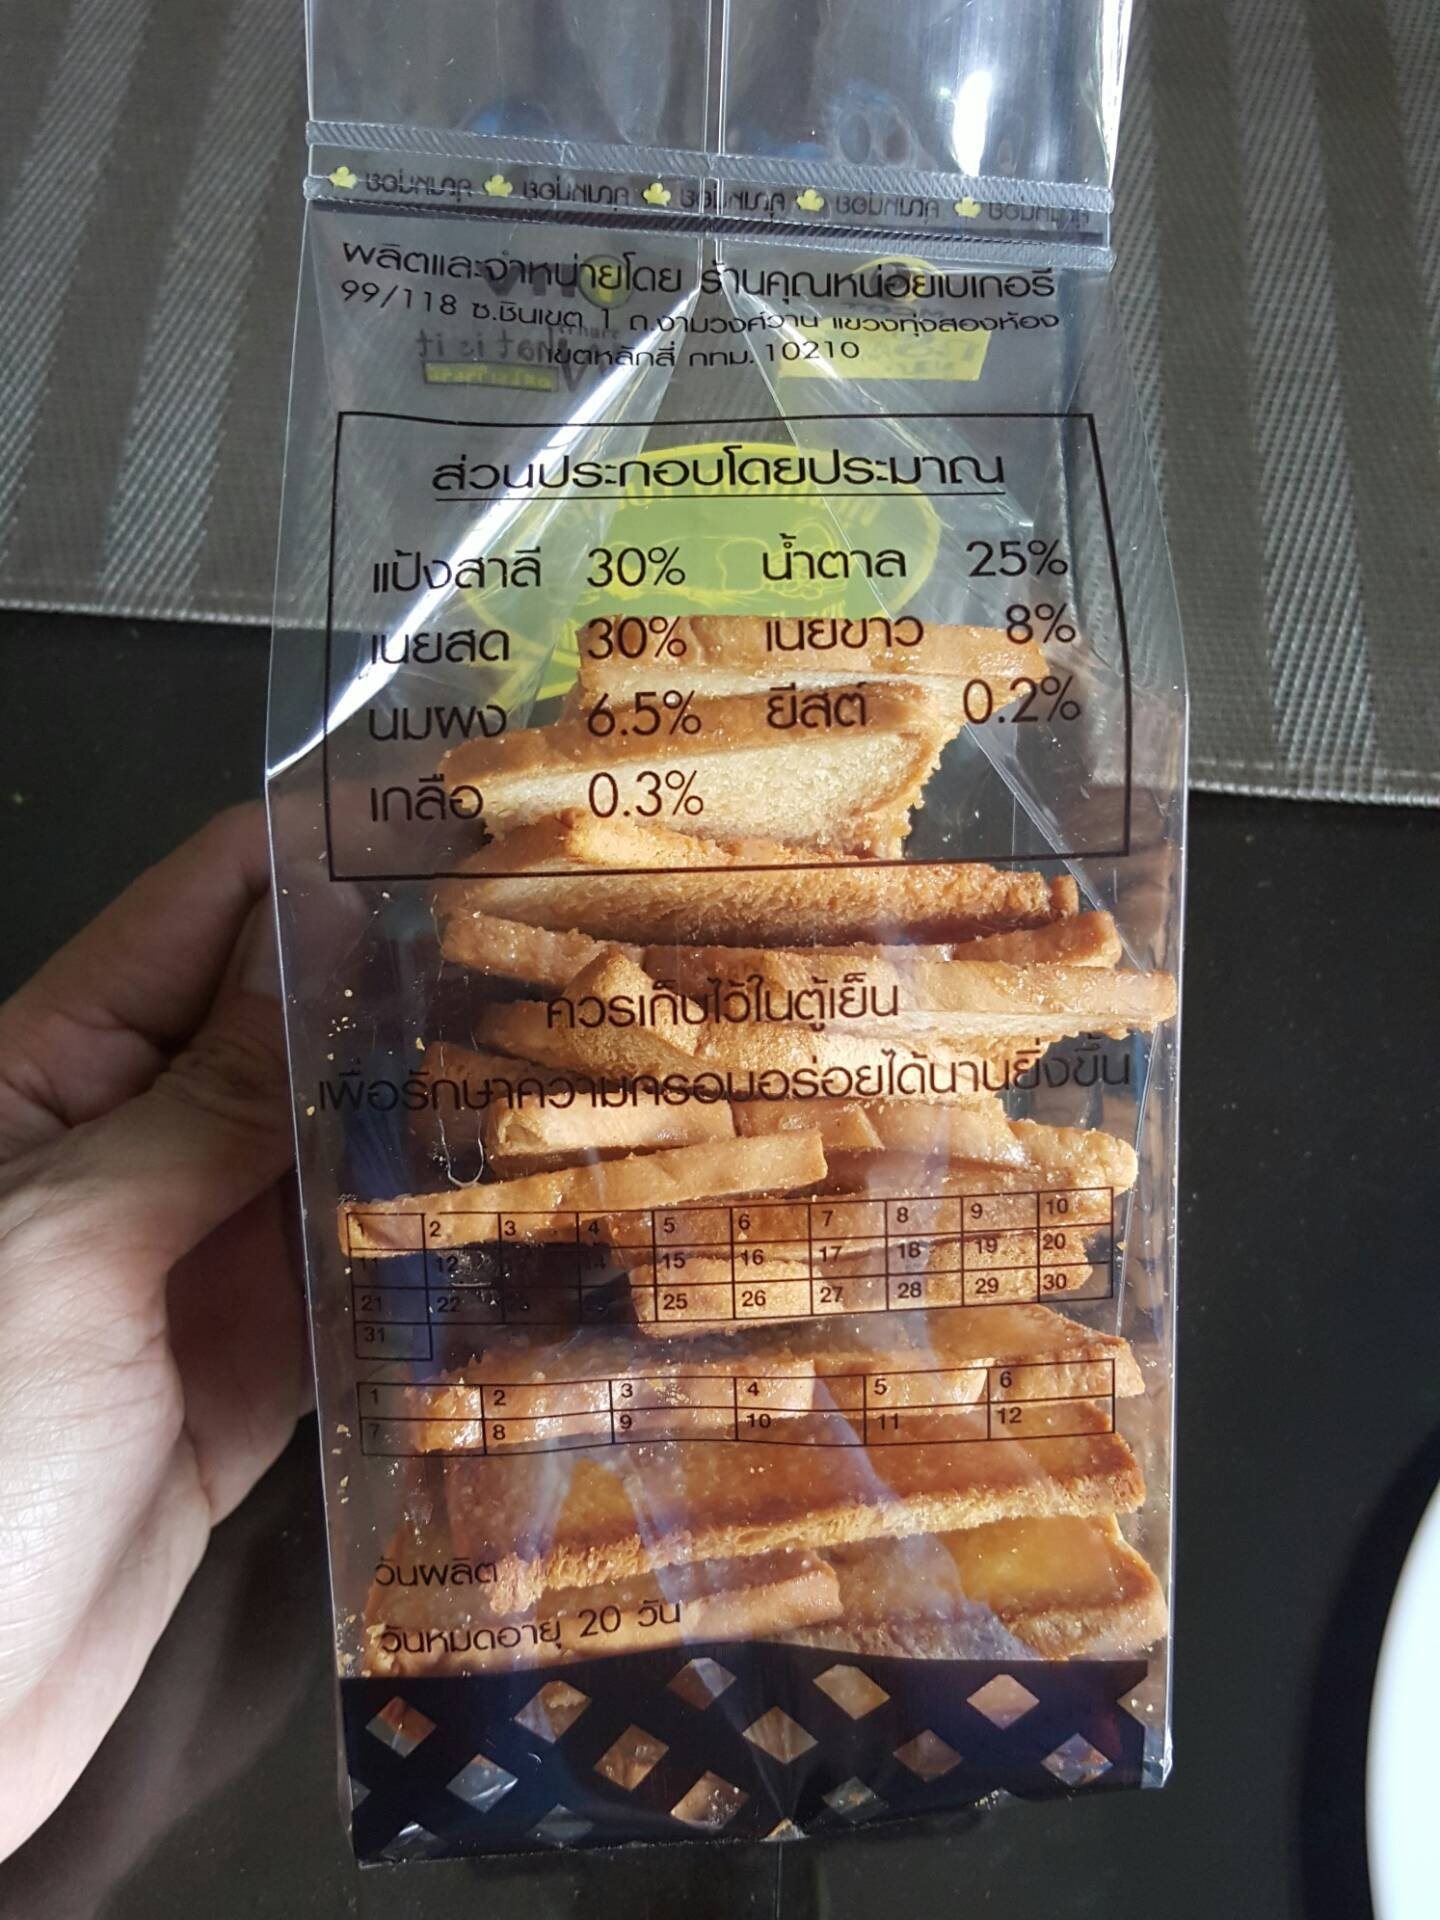 ขนมปังกรอบ อบเนยสด : เก็บได้นานพอดูจ๊ะ ป.ล.น้ำตาลเพียบเลยจ๊ะ 😂😂😂